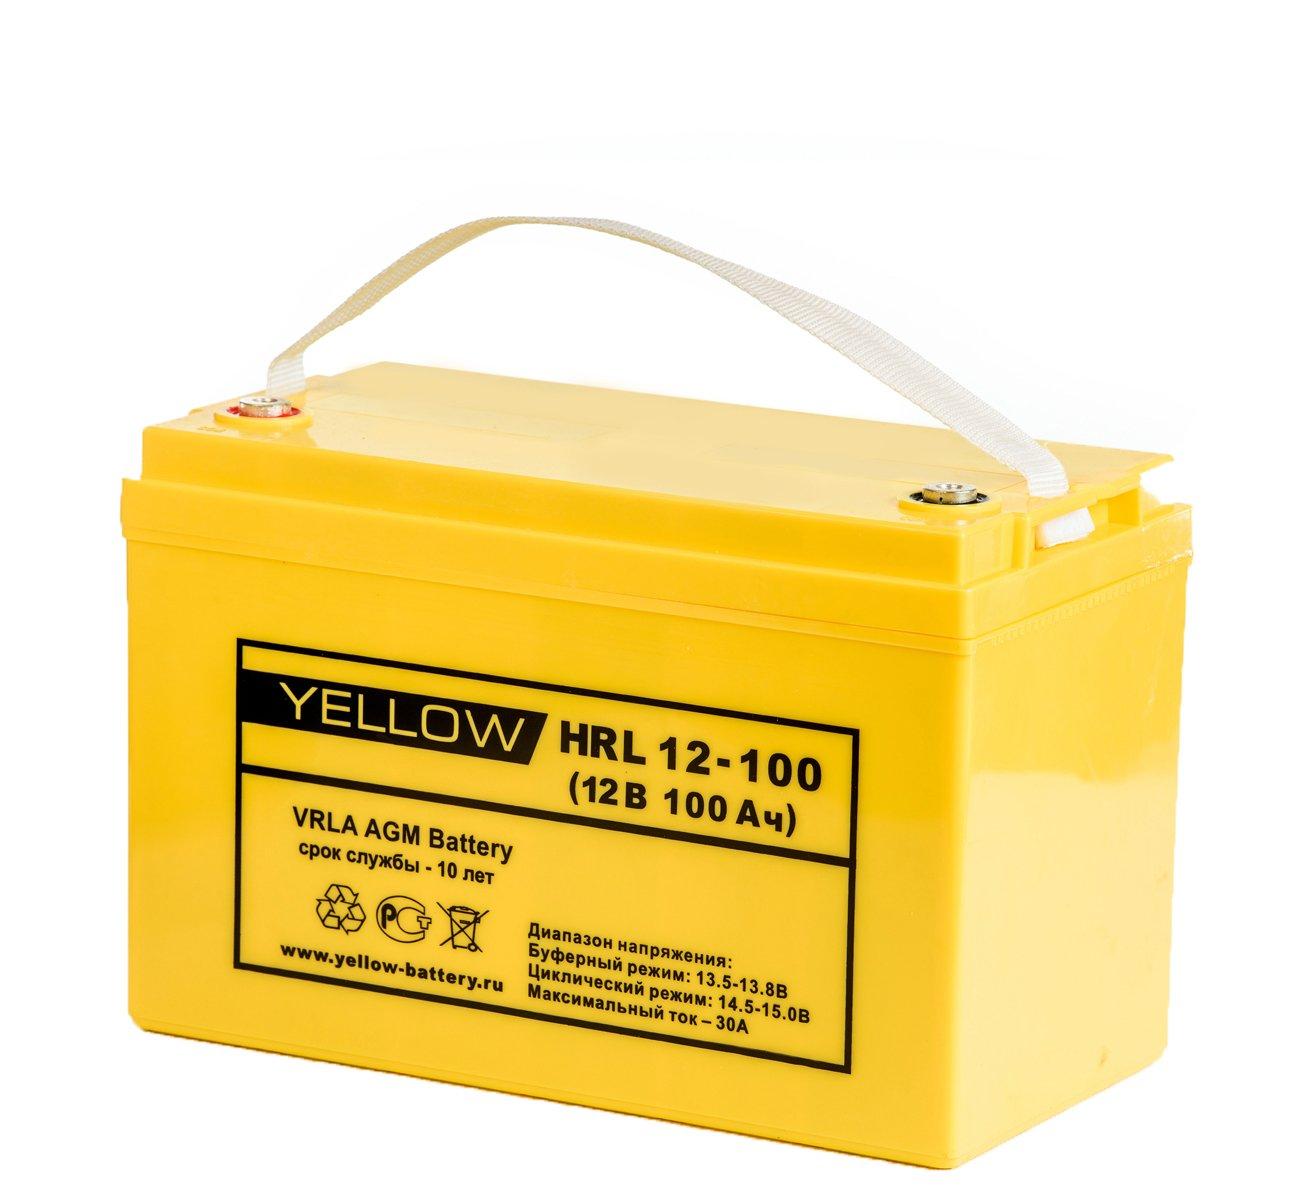 АКБ Yellow HRL 12-100